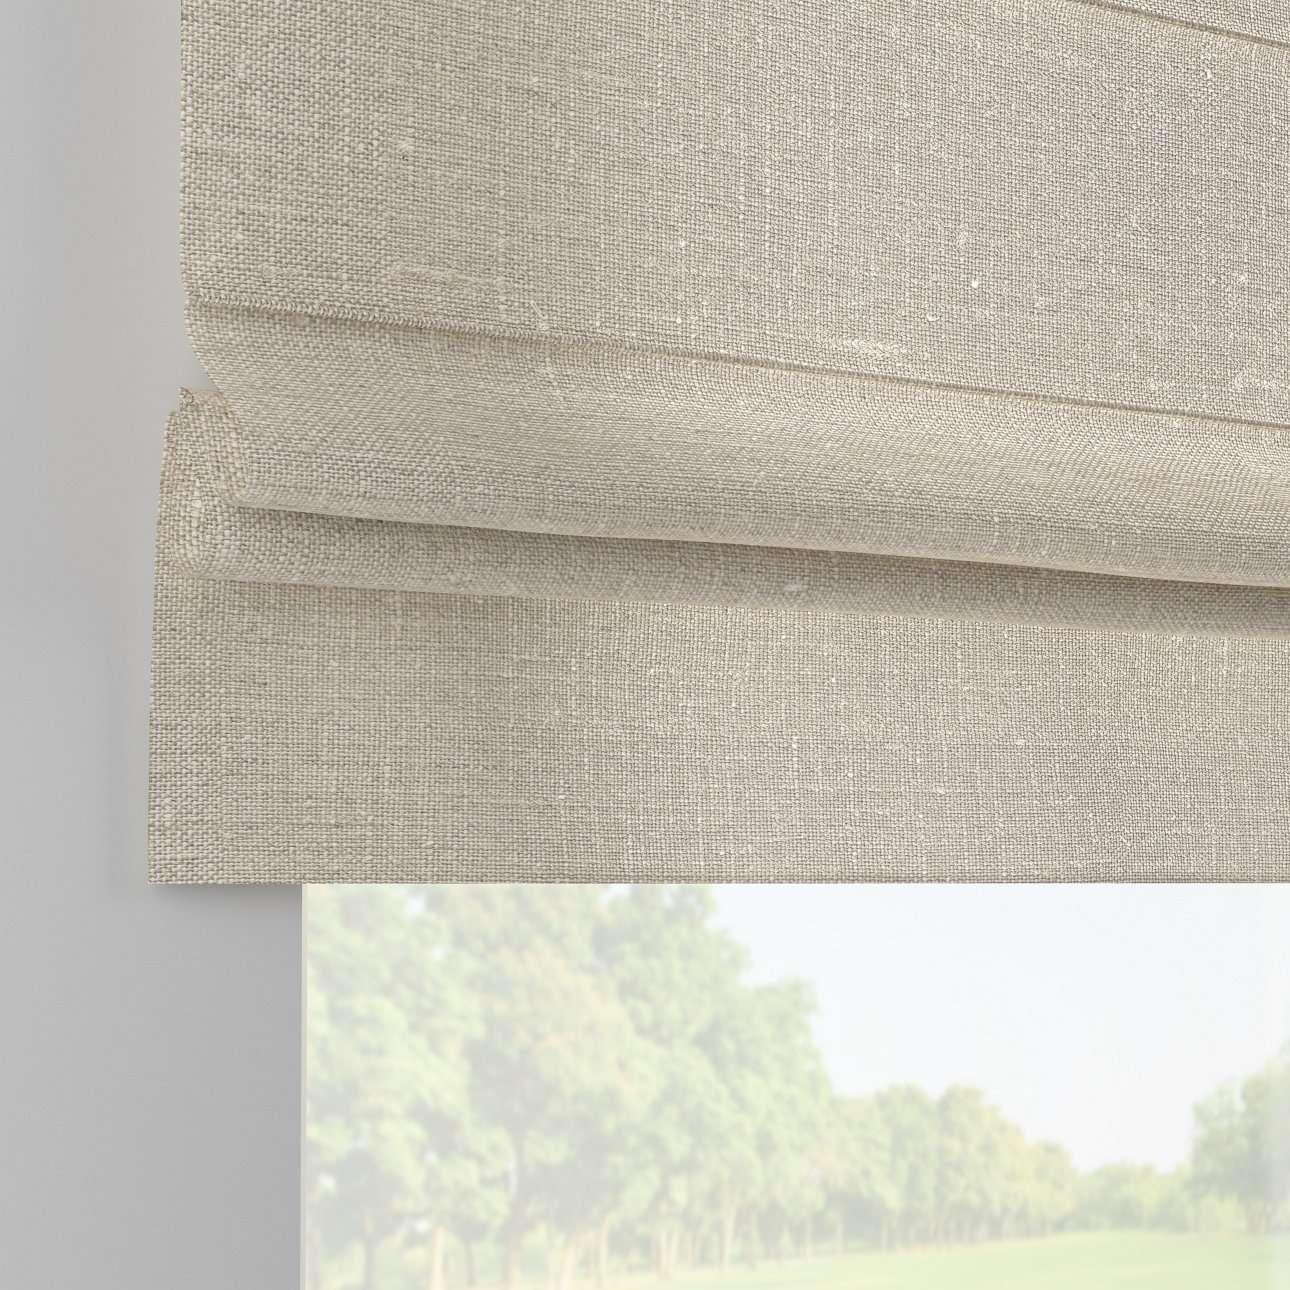 Rímska roleta Padva 80 x 170 cm V kolekcii Linen, tkanina: 392-05